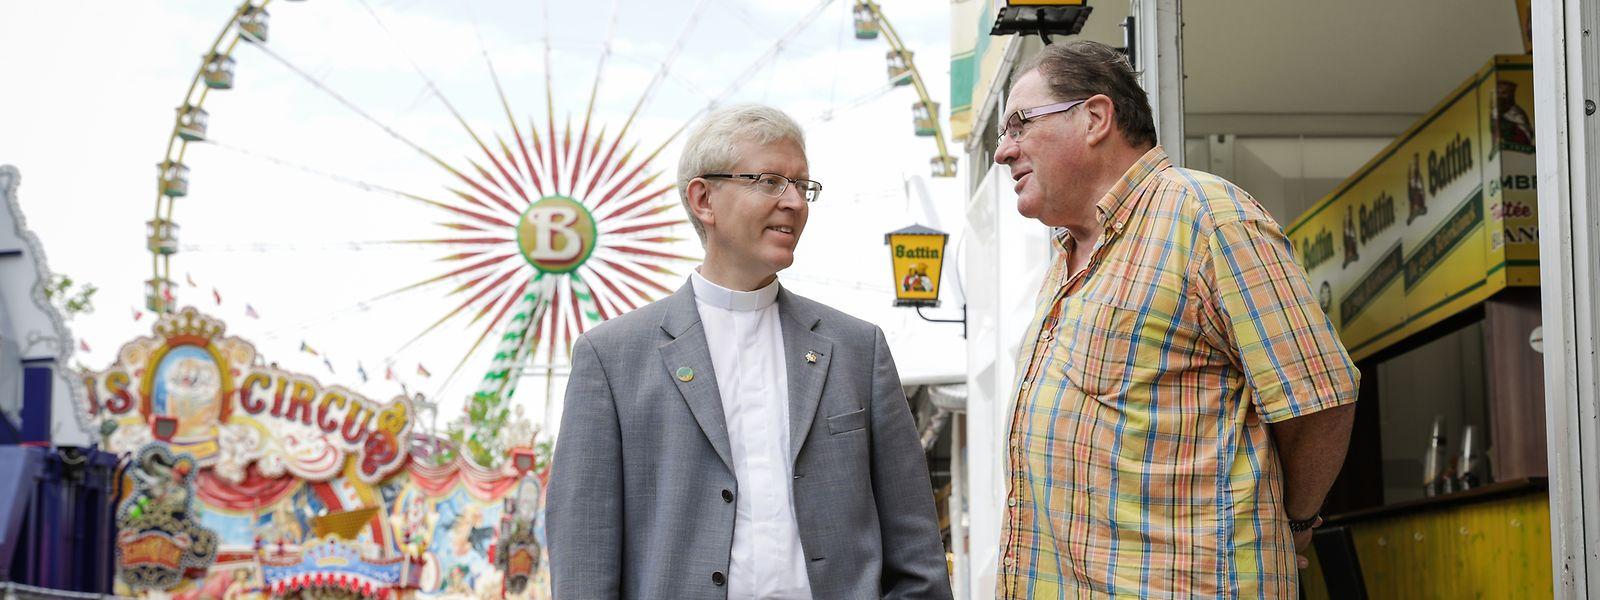 Patrick Muller (l.) macht jeden Tag einen Rundgang über die Schobermesse, grüßt die Schausteller und fragt, wie das Geschäft läuft.